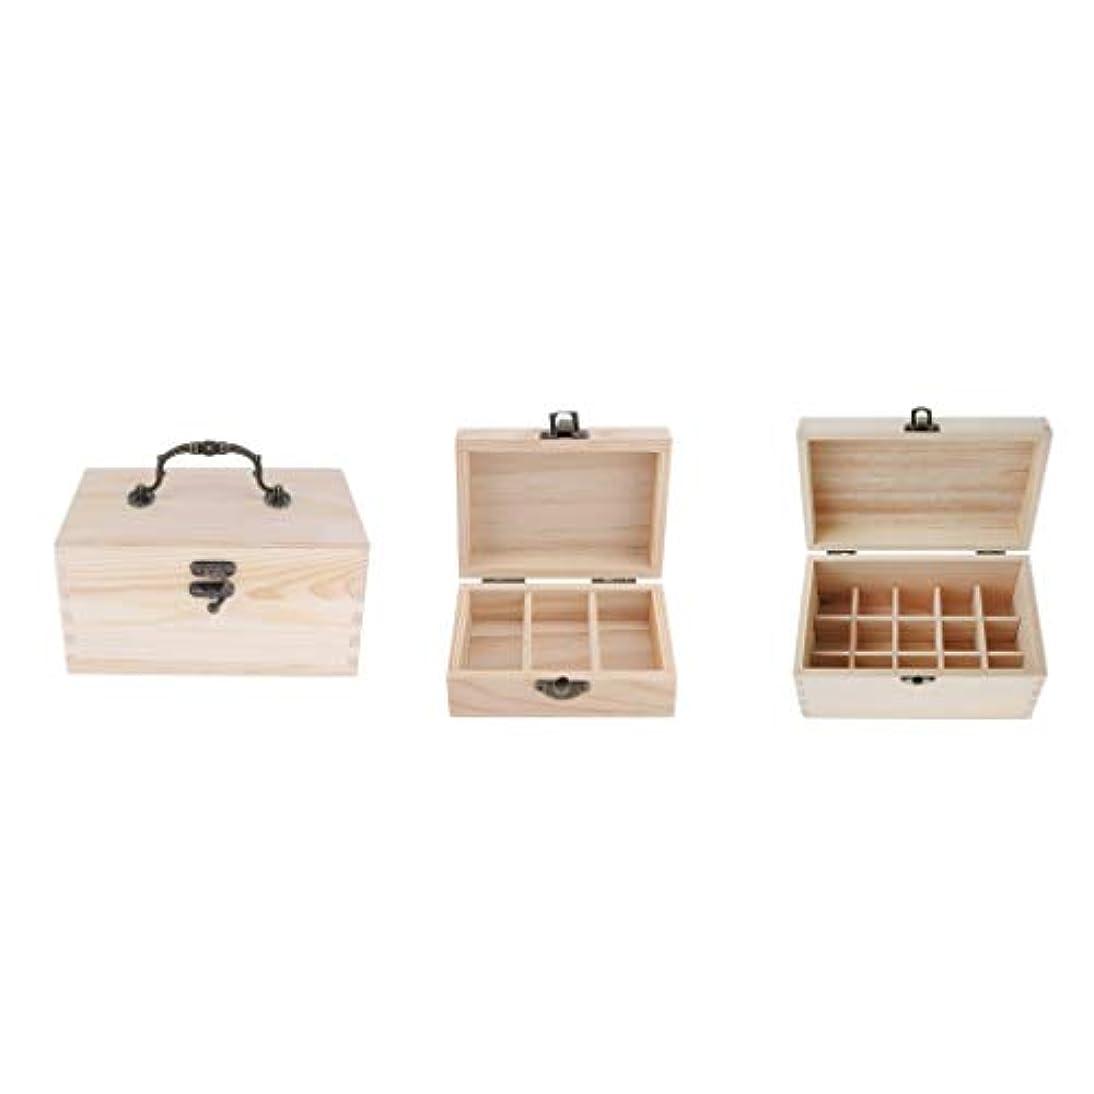 ジャンプする村刺すPrettyia エッセンシャルオイル収納ボックス 精油収納ケース 超大容量 木製 精油収納 香水収納ケース 携帯用 3個入